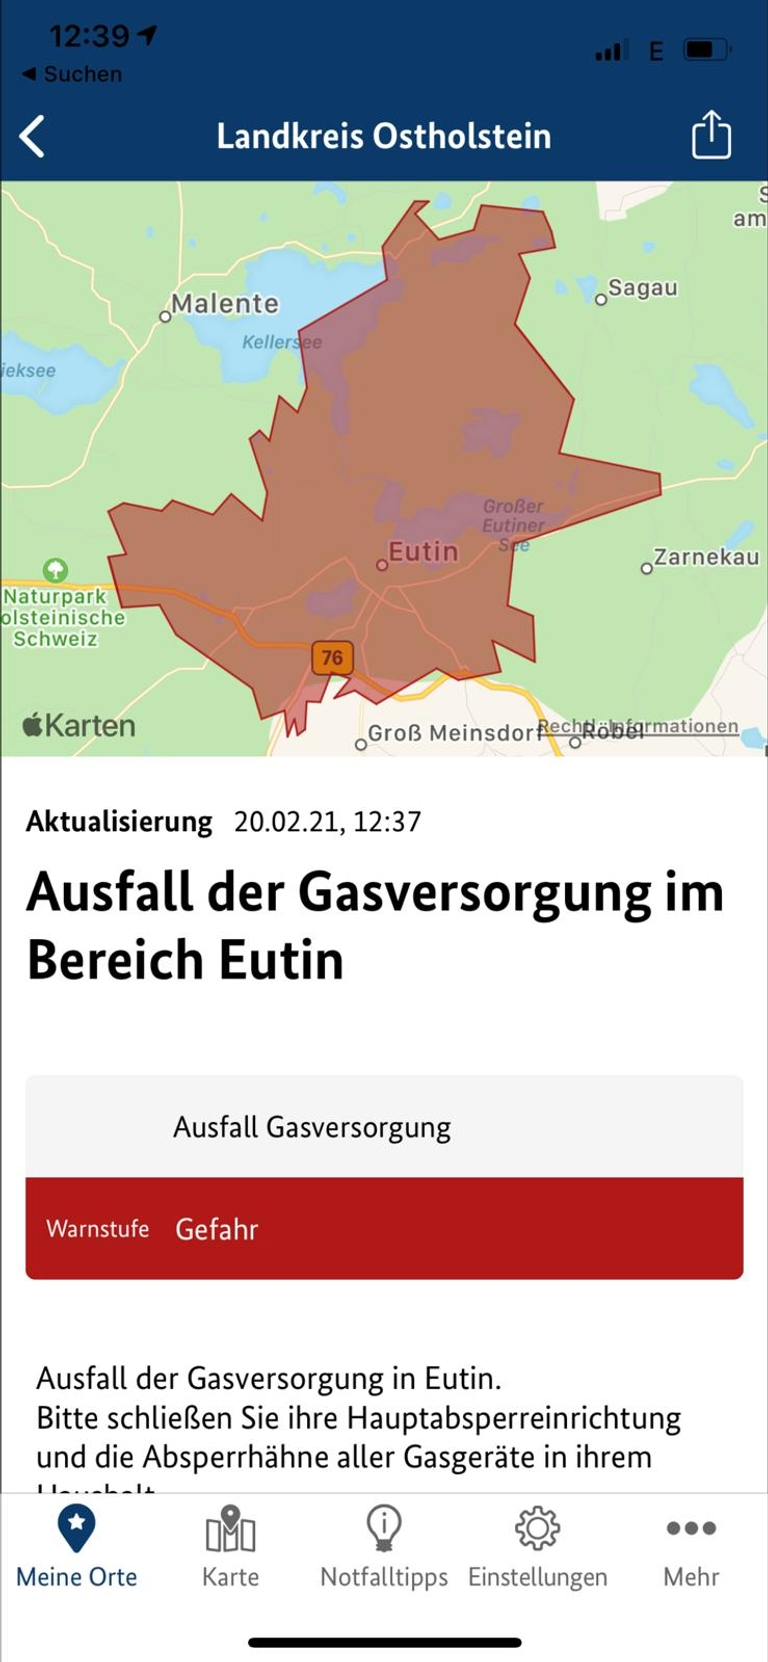 Gasversorgung Eutin NINA Warnmeldung